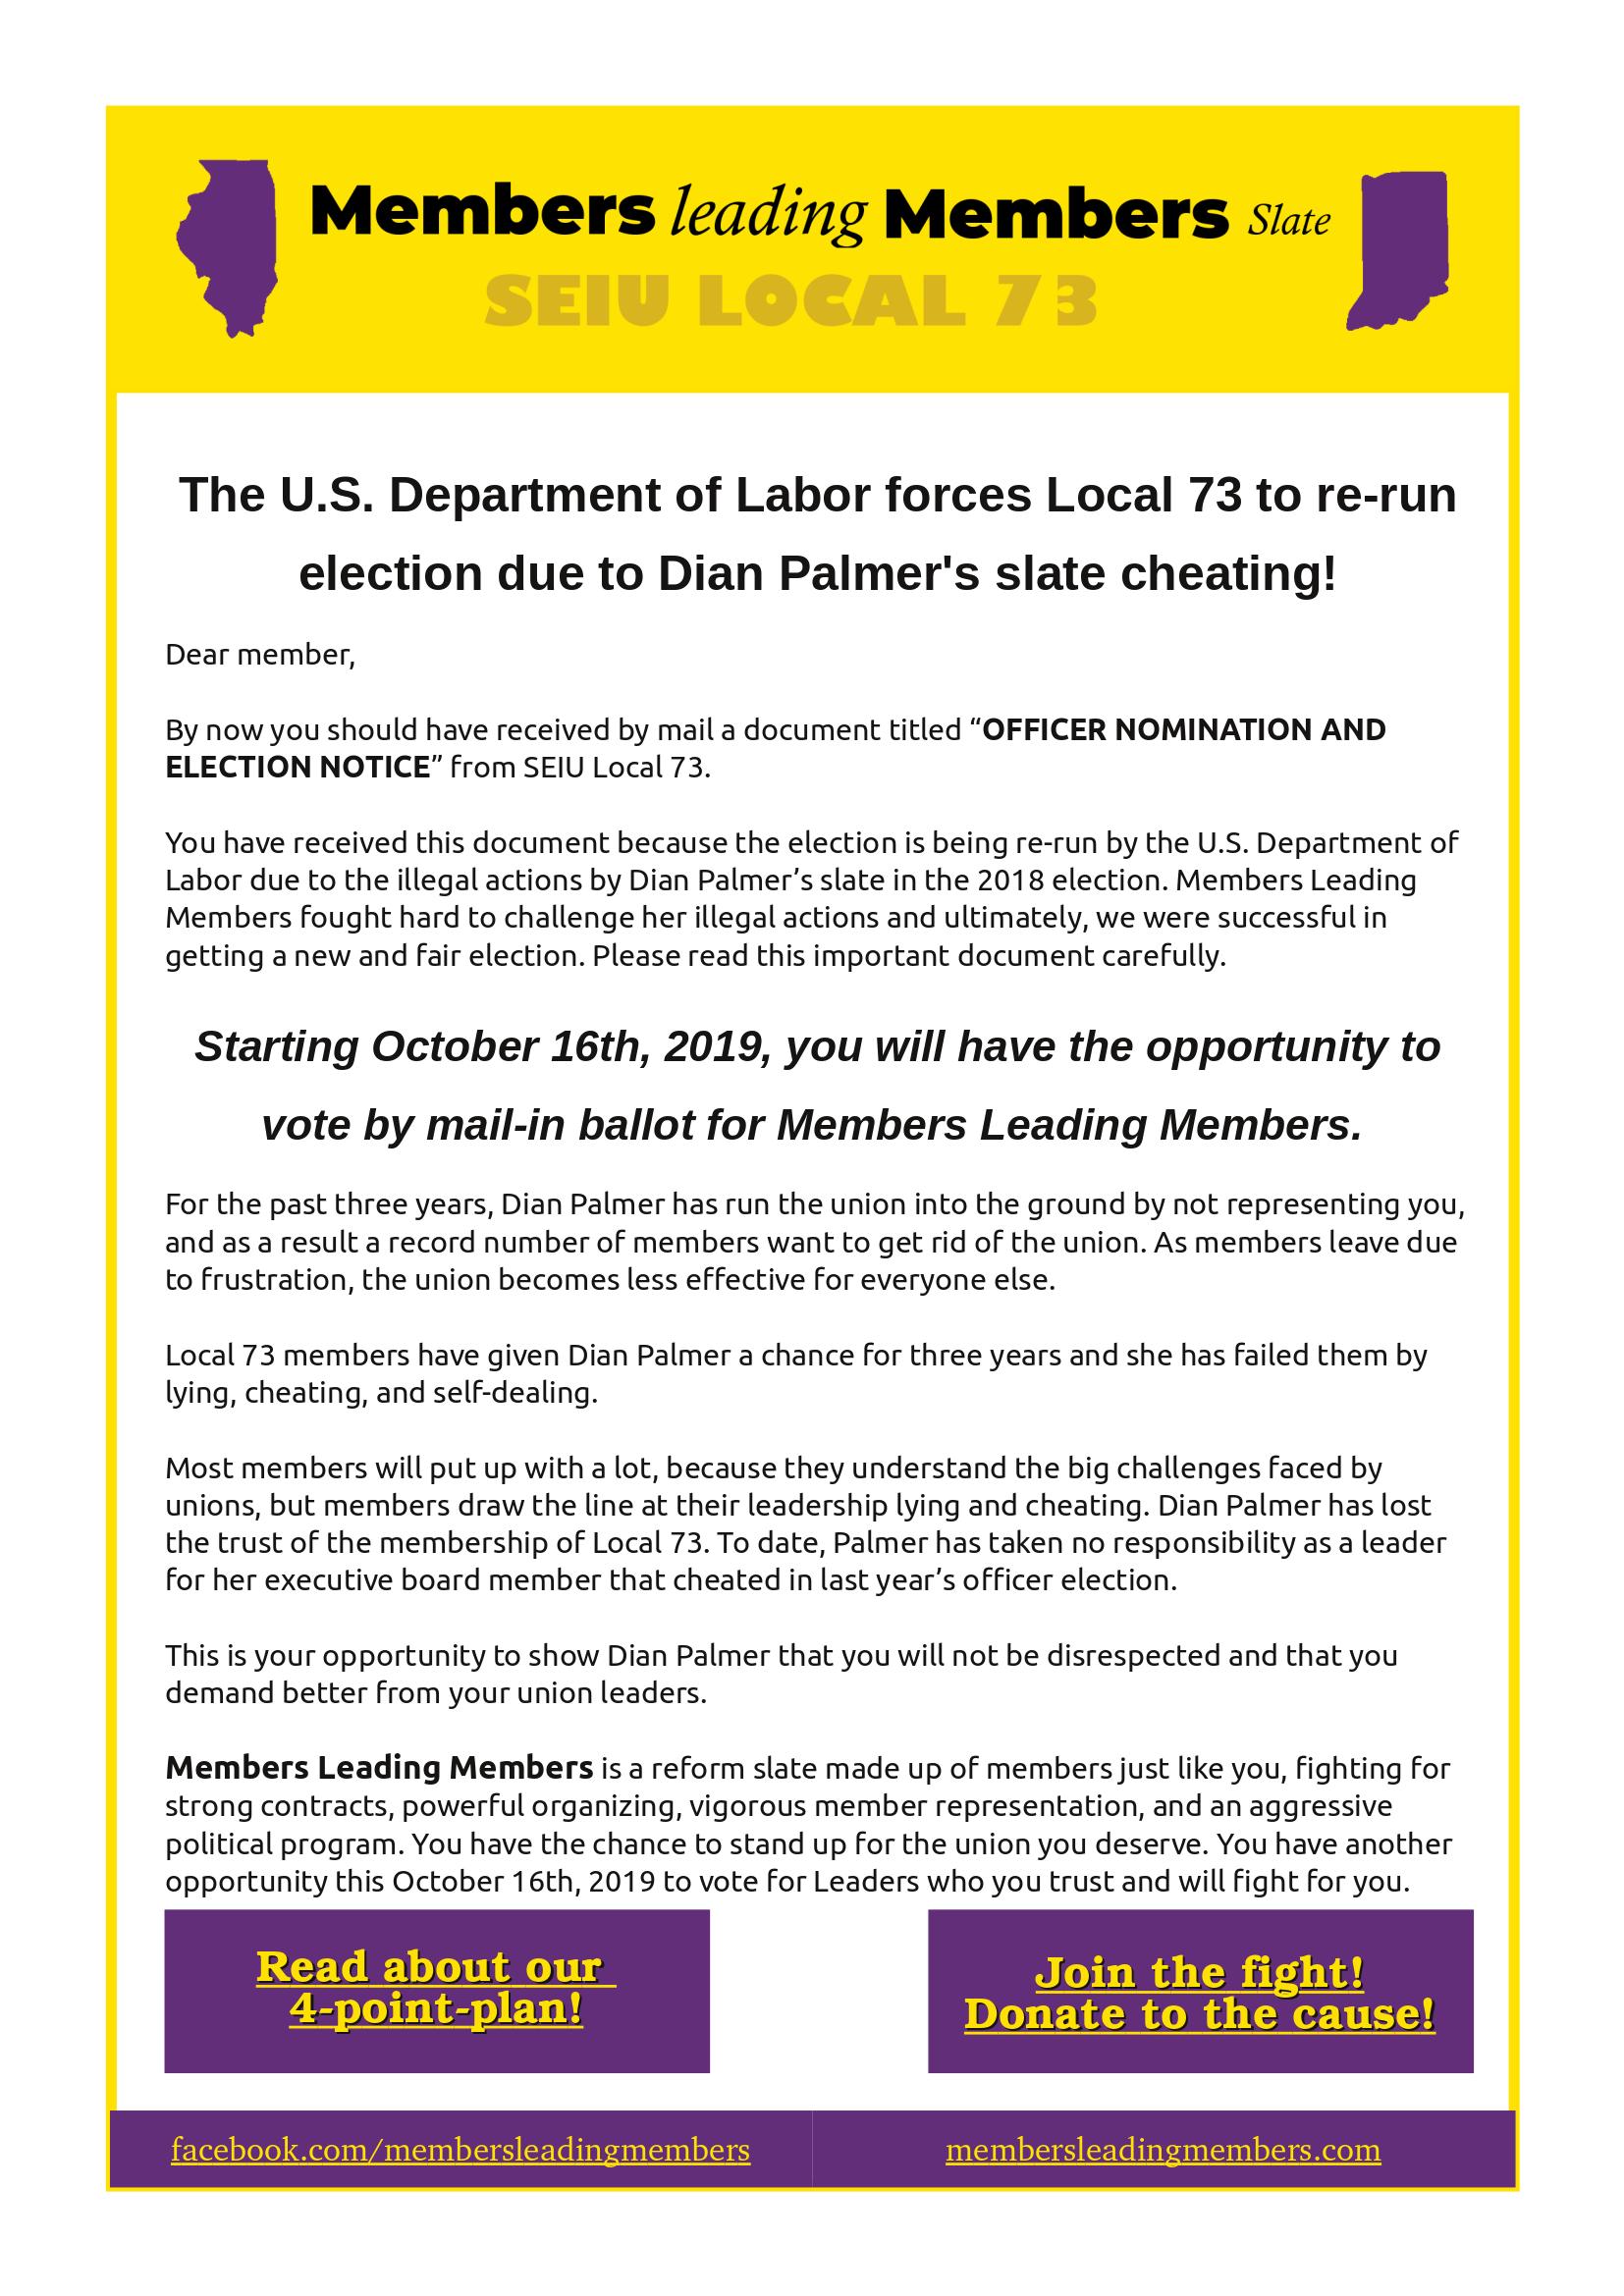 Members Leading Members Flier 09-01-2019-page001.png